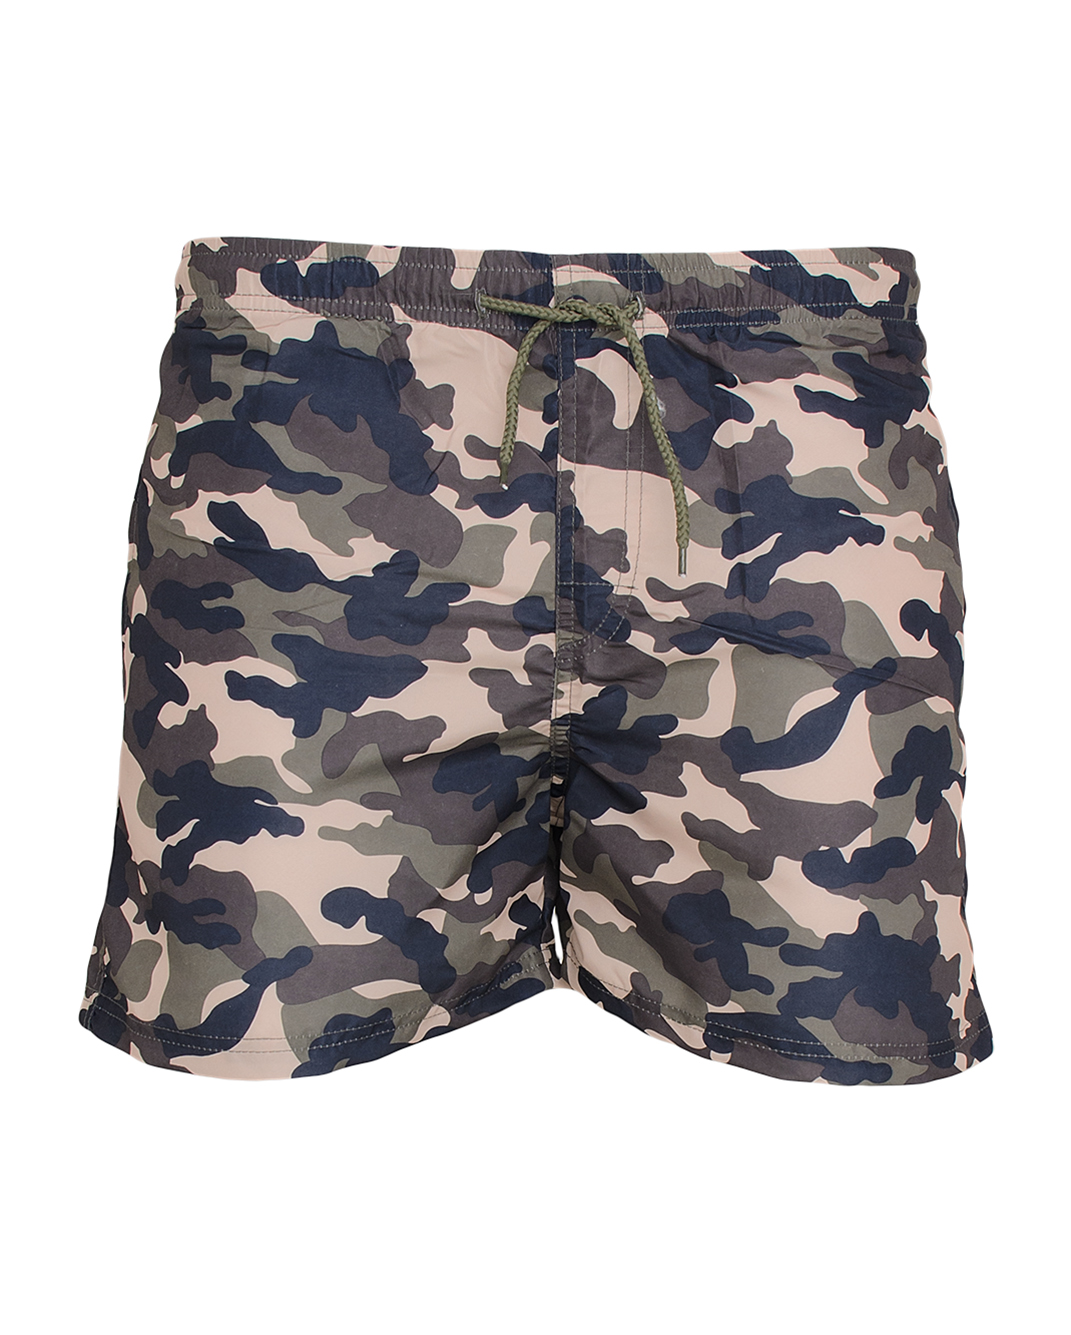 Ανδρικό Μαγιώ Army αρχική ανδρικά ρούχα επιλογή ανά προϊόν μαγιό